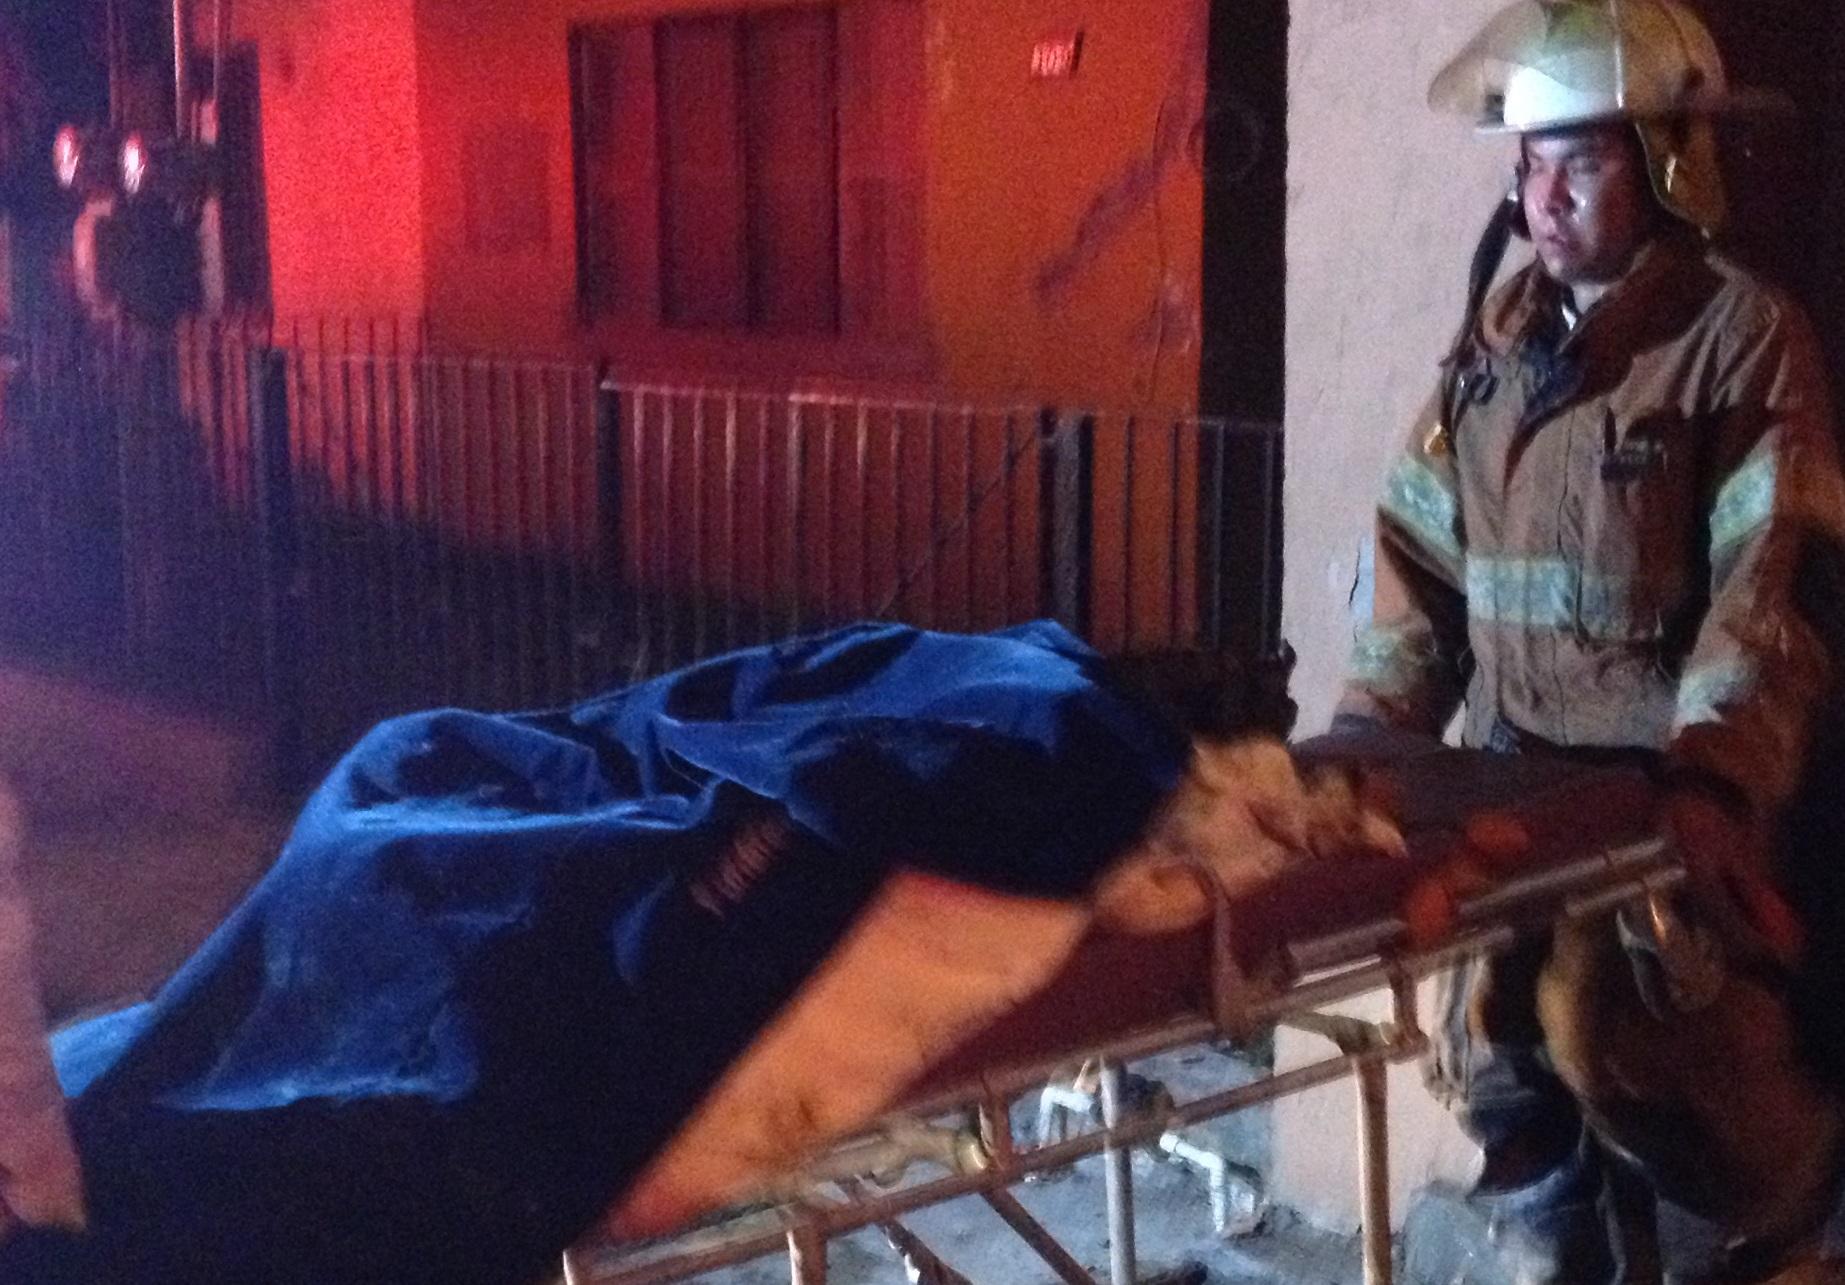 Incendio acaba con la vida de persona; investigan si fue provocado